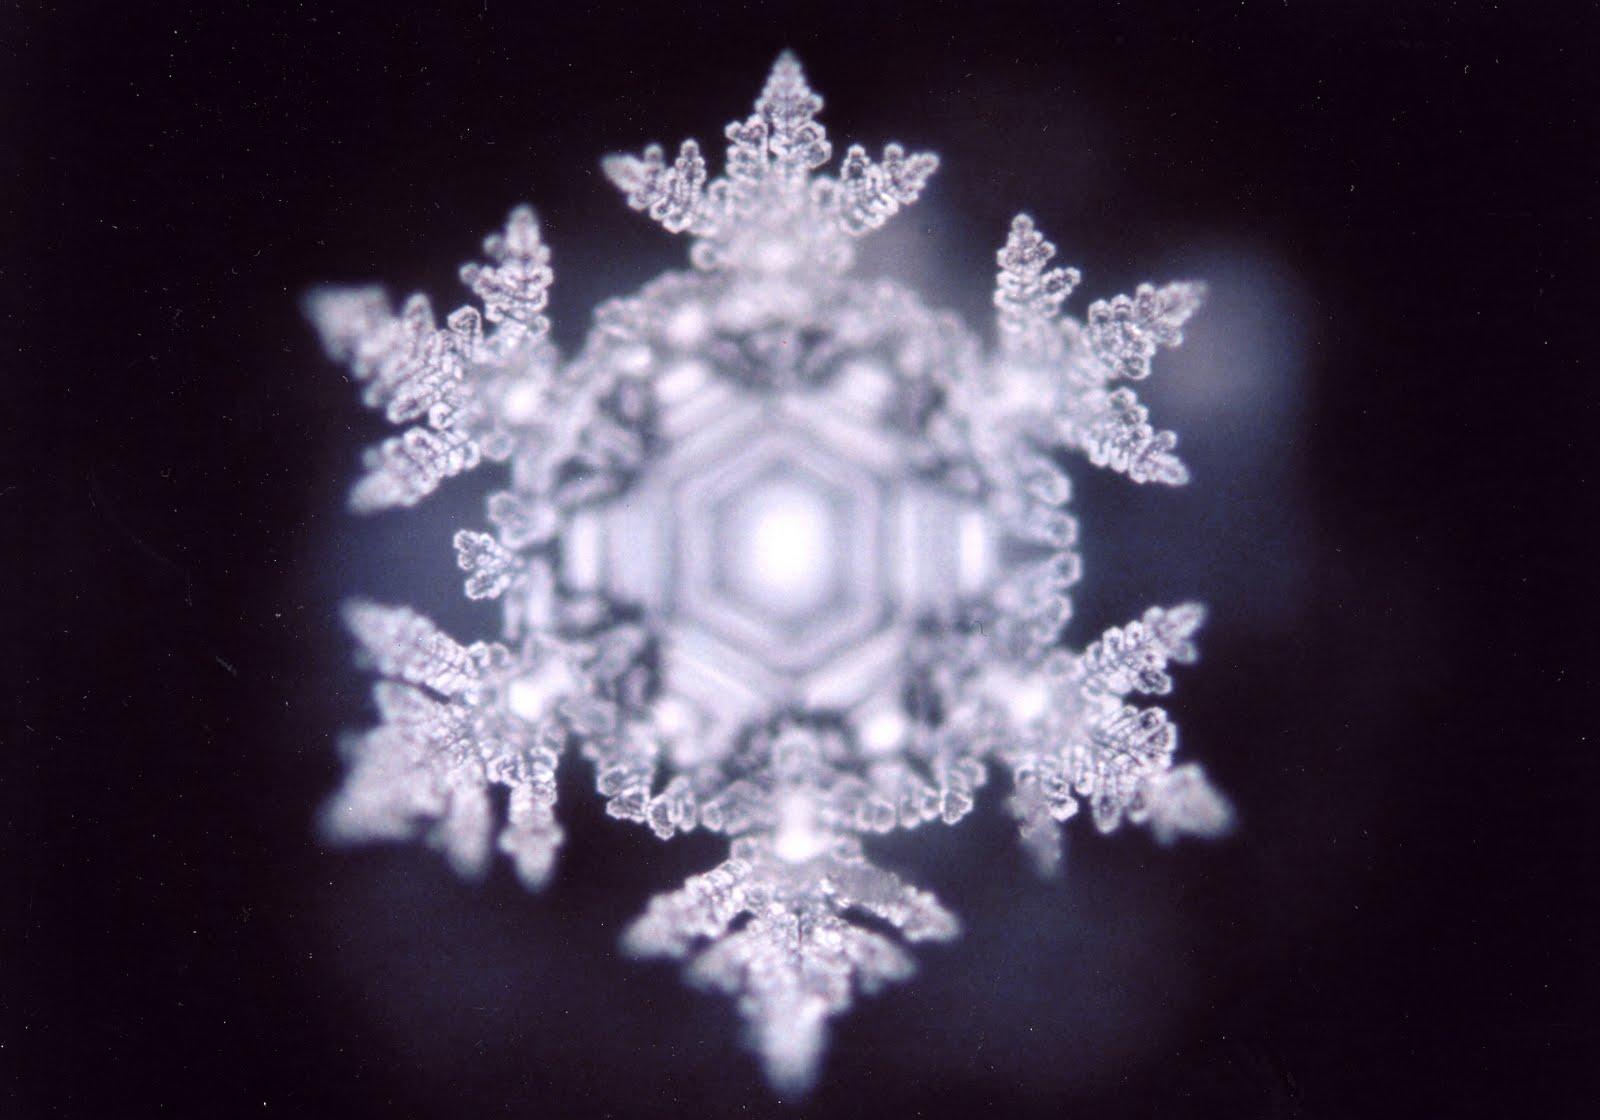 сделать масару эмото фото кристаллов воды сформировать красивые, устойчивые